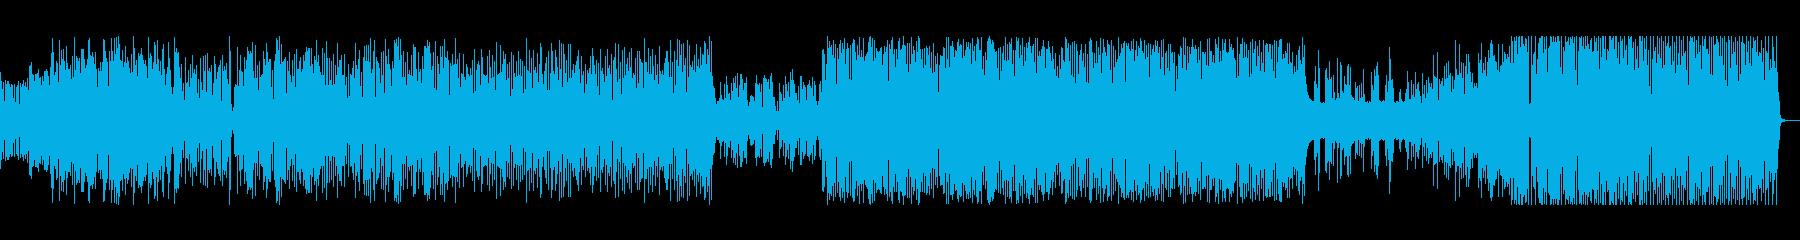 マリオ、ジャズ、レベルアップ、bitの再生済みの波形